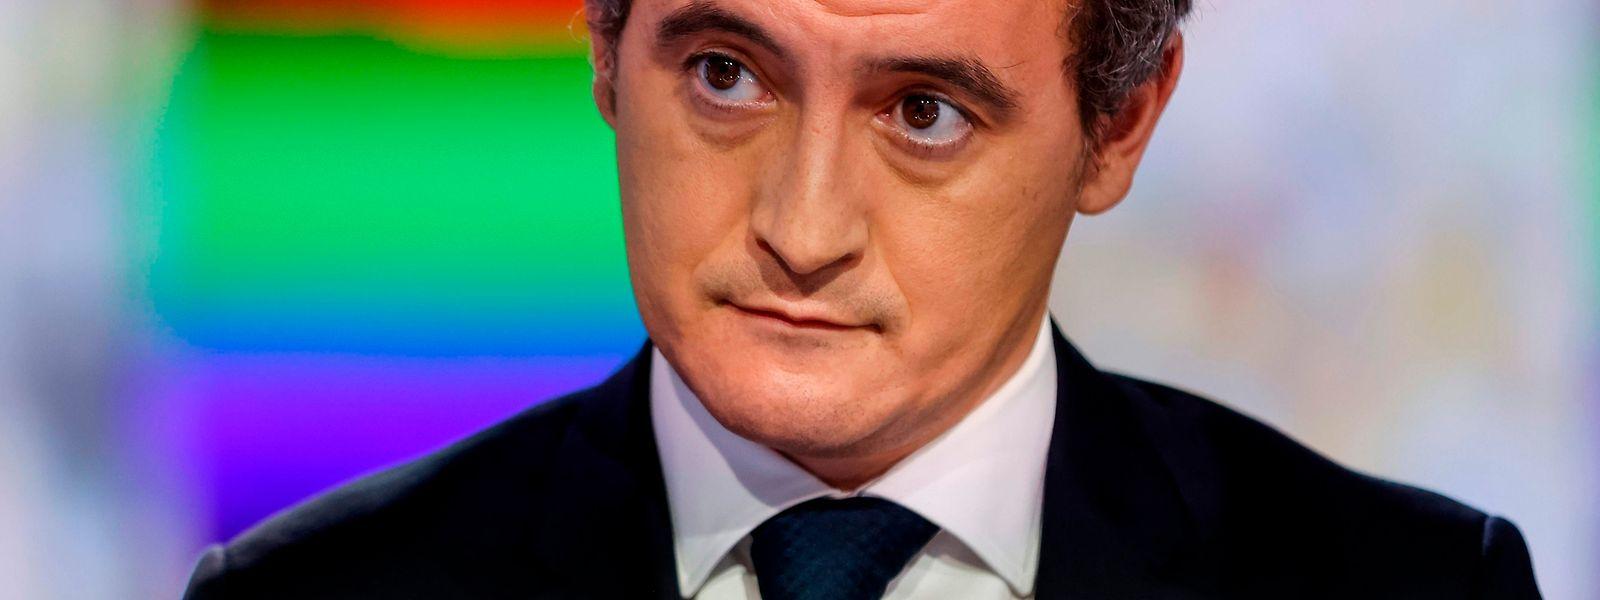 Innenminister Gérald Darmanin gerät immer stärker unter Druck.